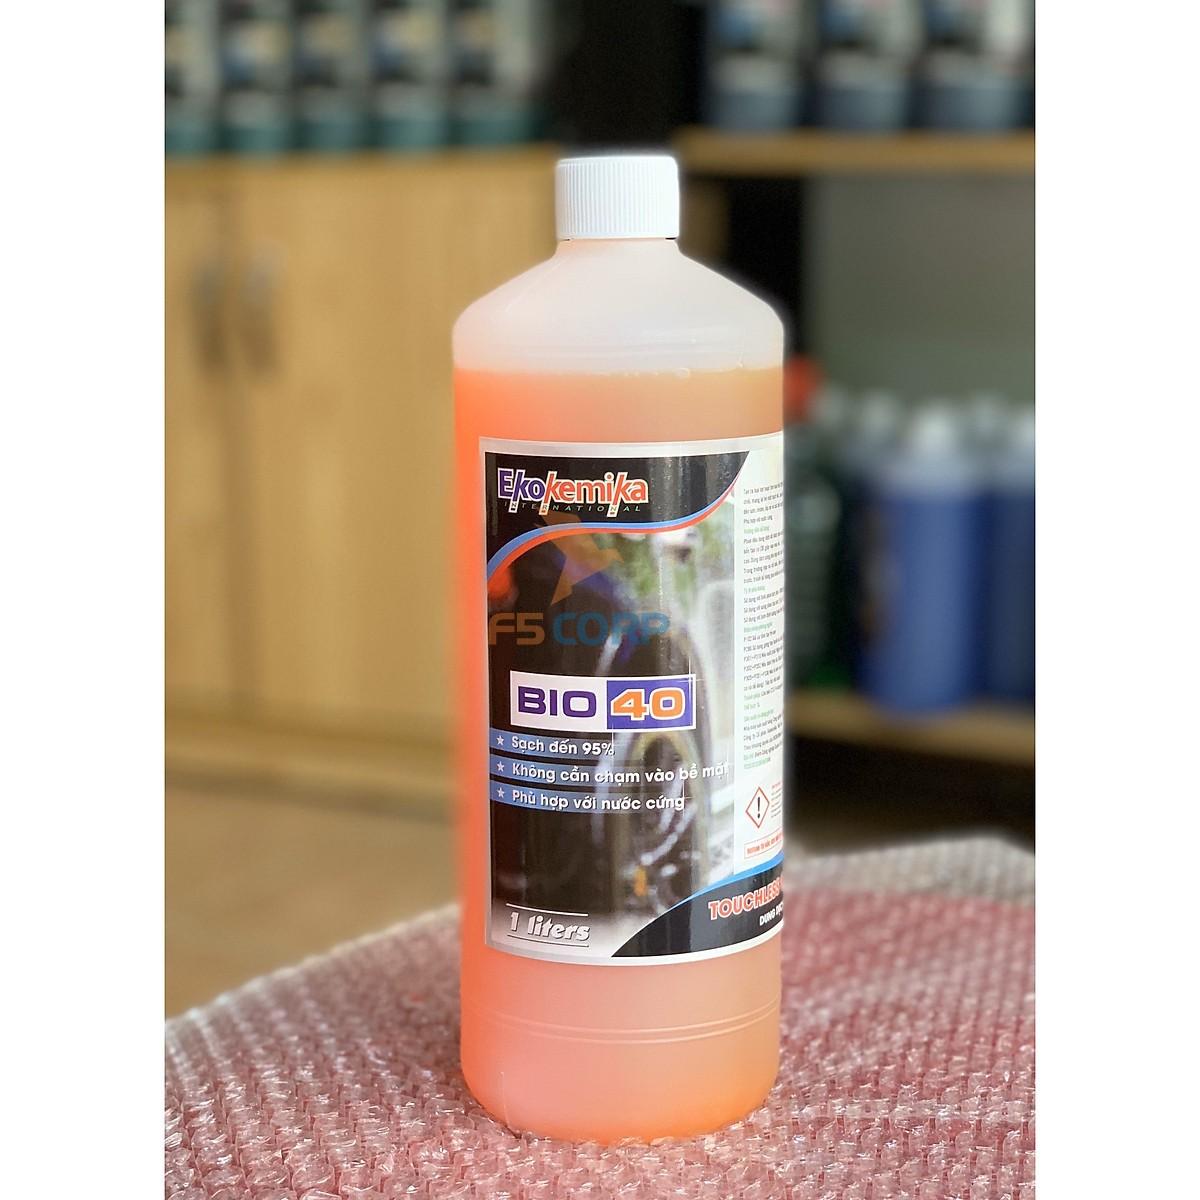 Dung dịch rửa xe không chạm và rửa khoang động cơ BiO 40- 1 Lít